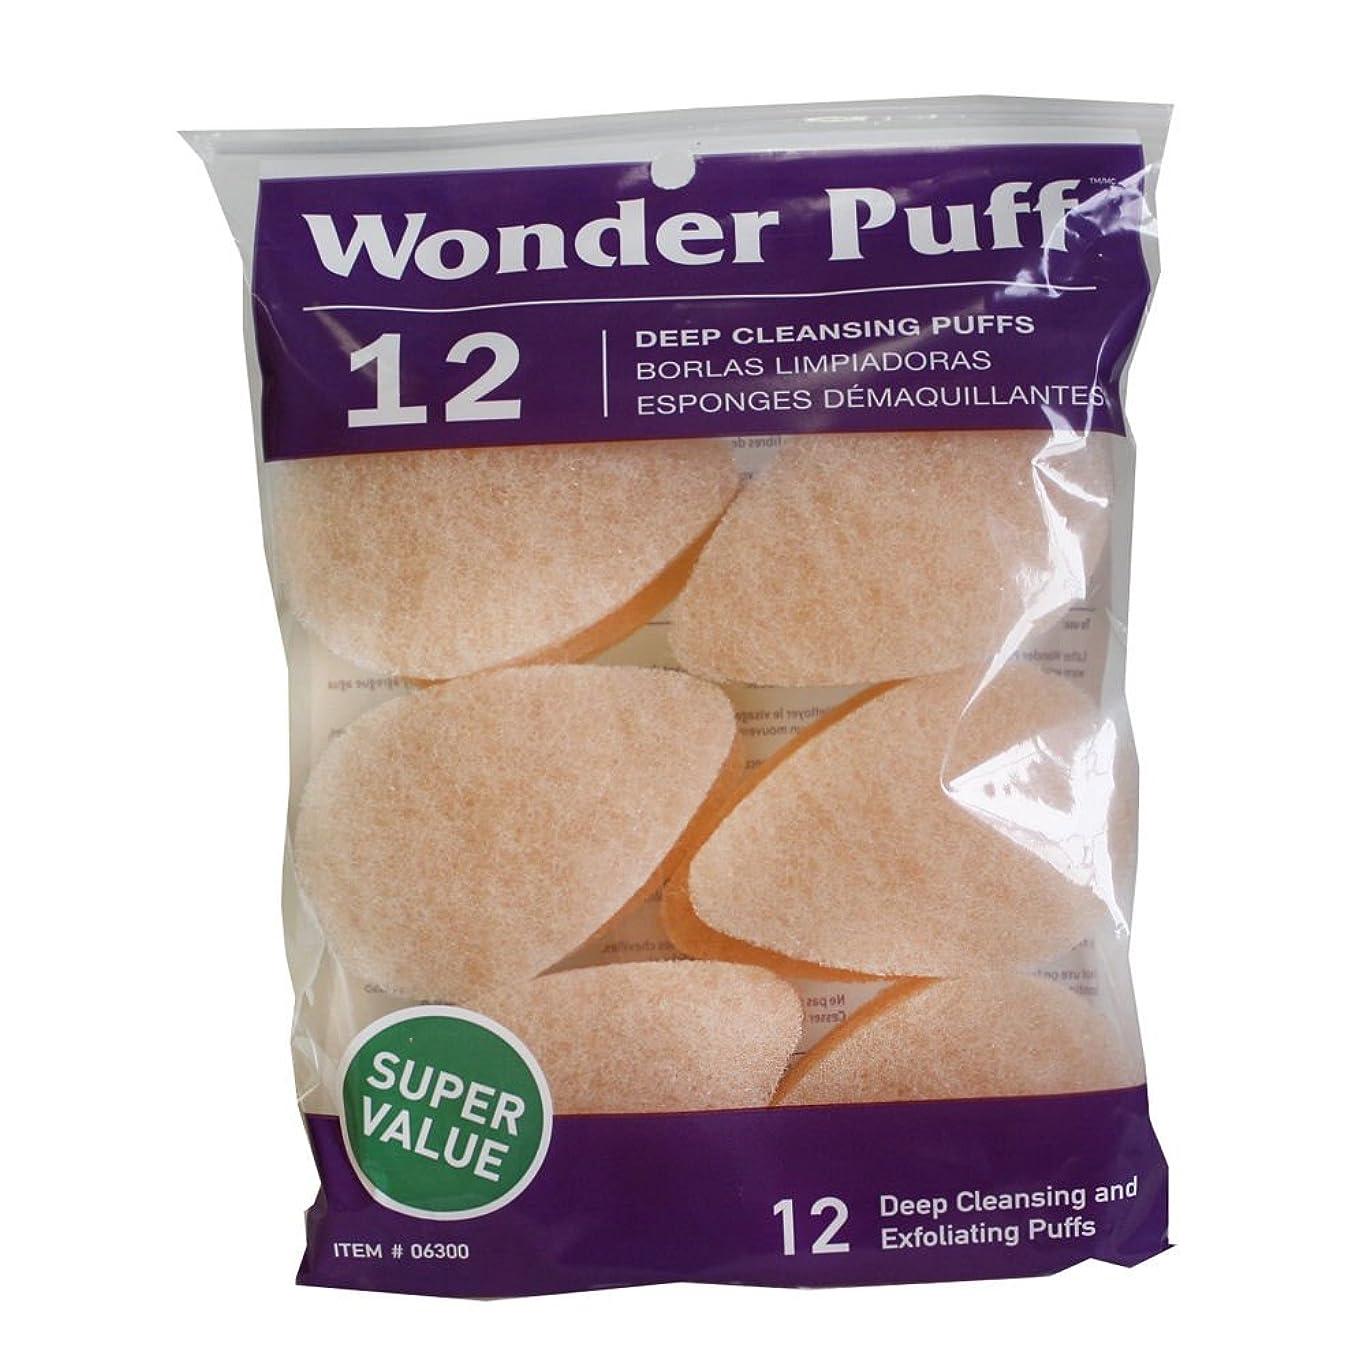 ロゴ影響案件Wonder Puff Deep Cleansing Puffs 12's (並行輸入品)